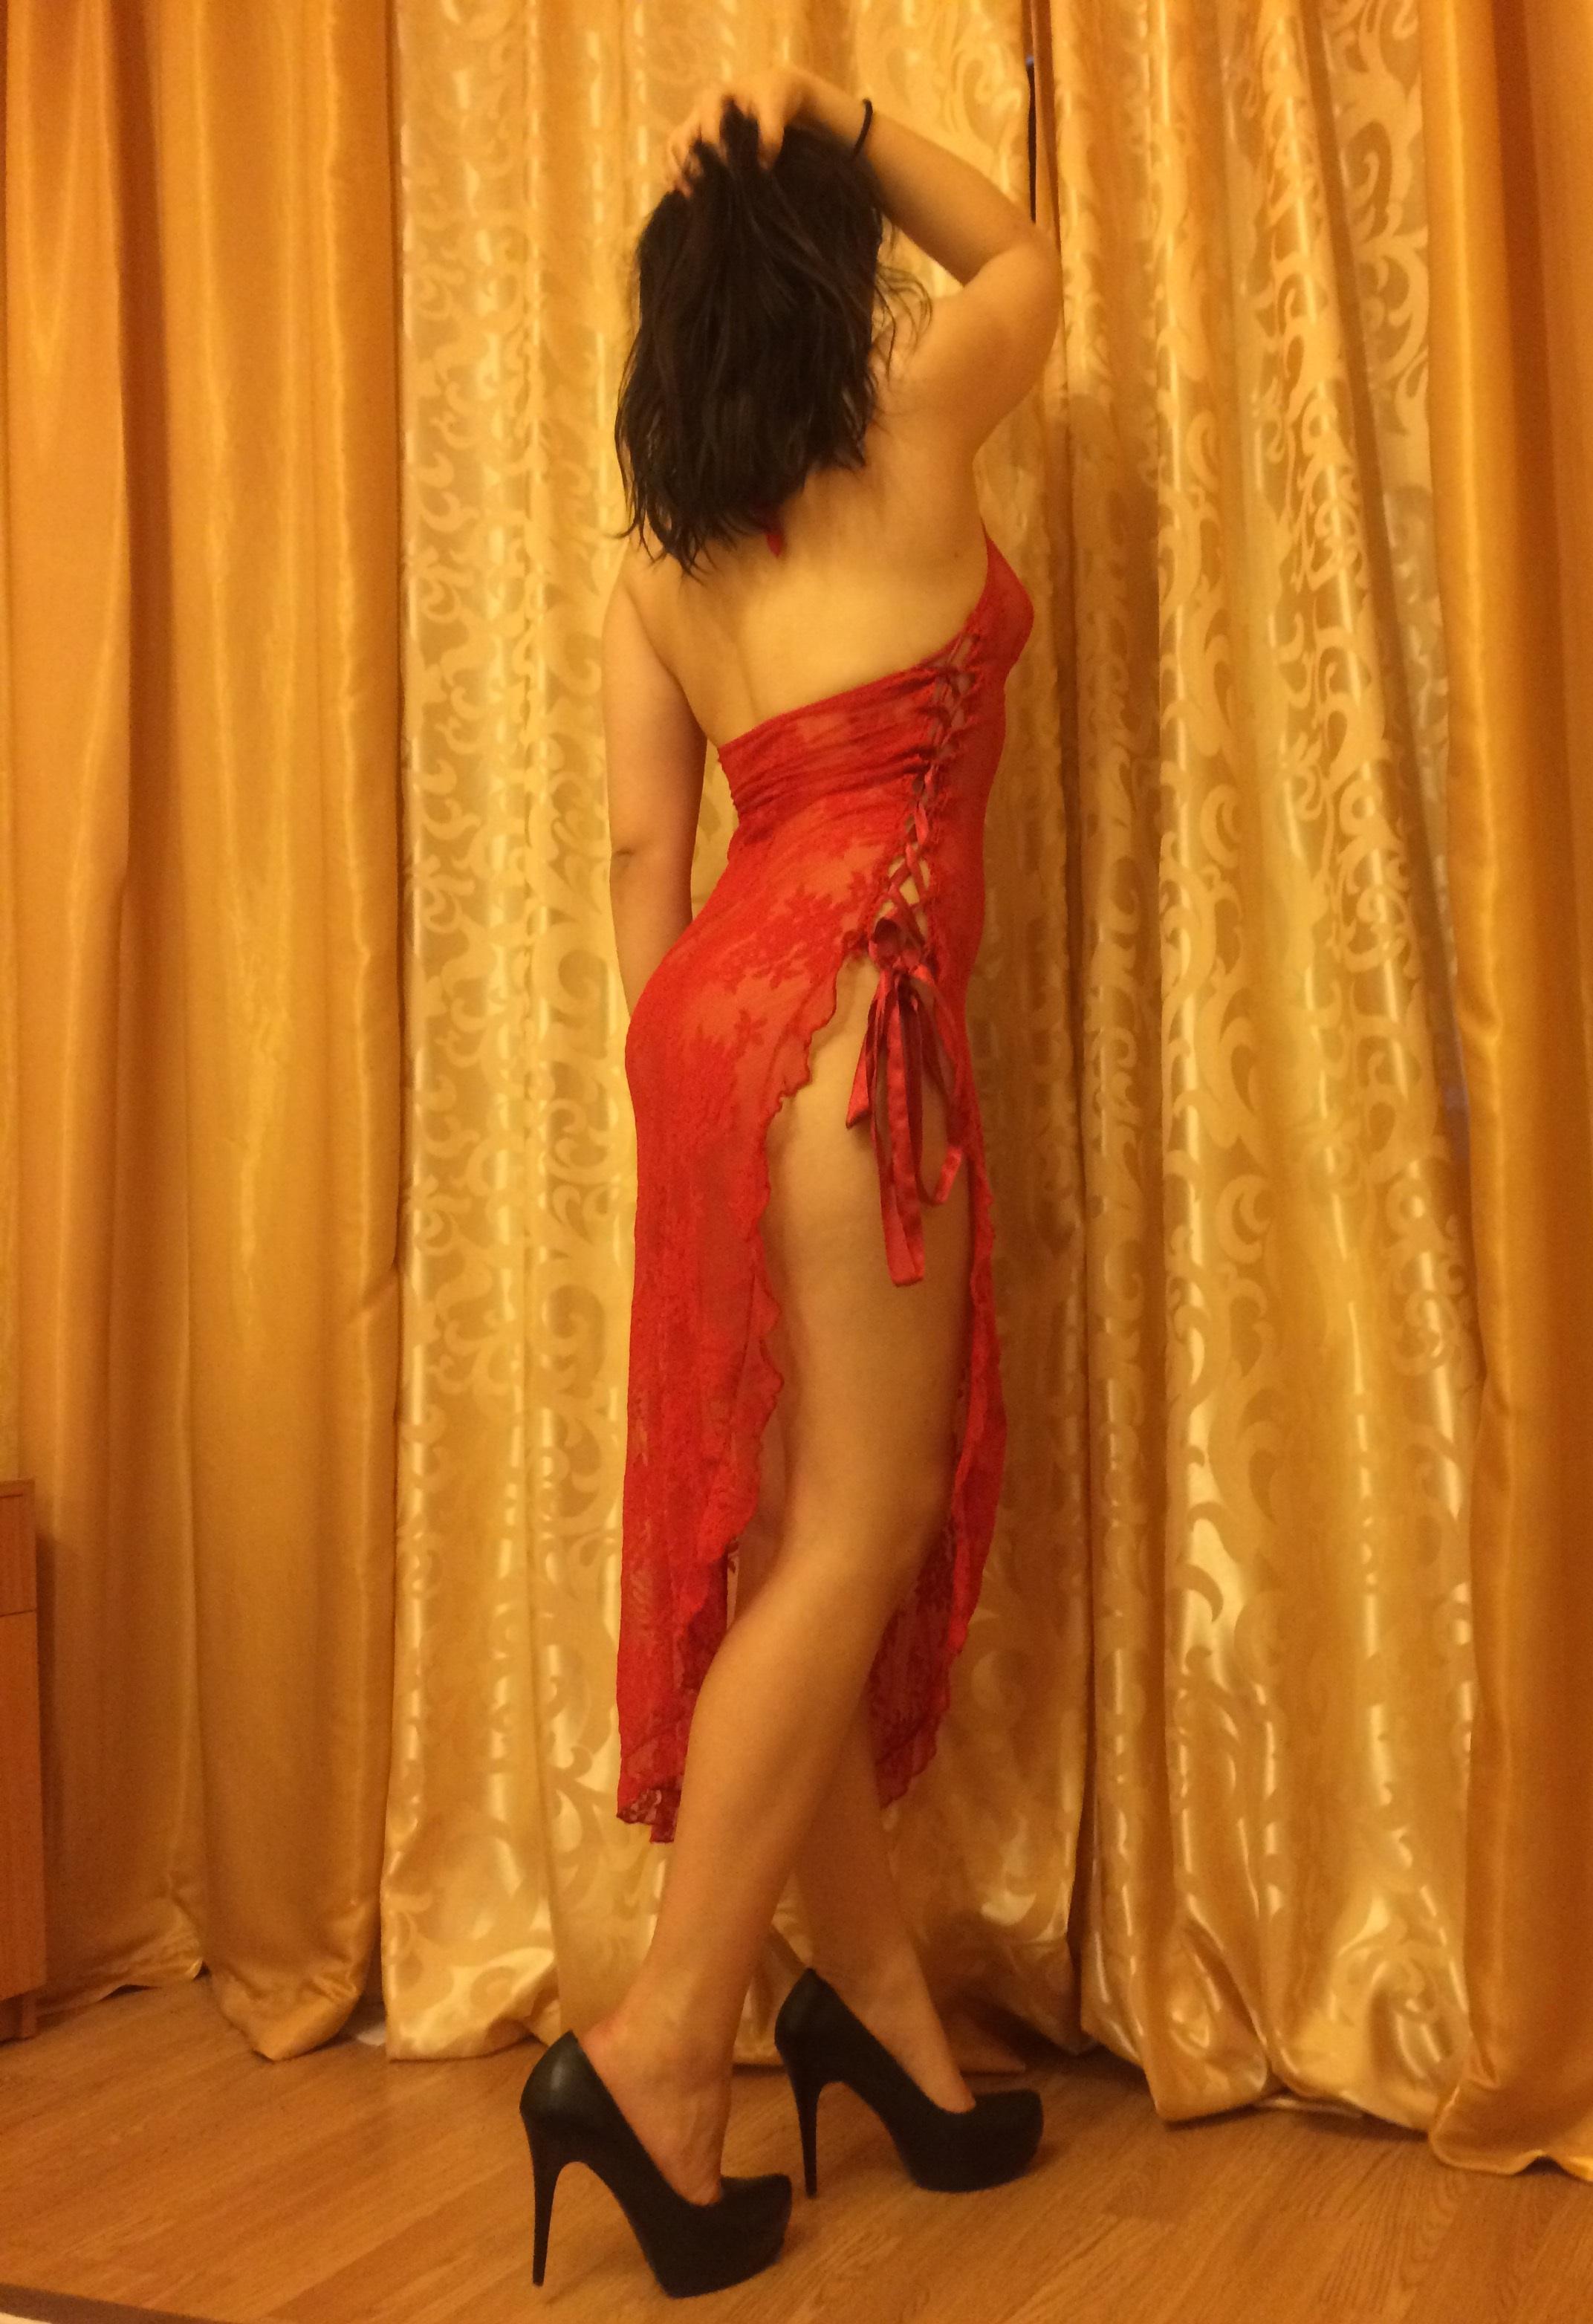 salon-eroticheskogo-massazha-lipetsk